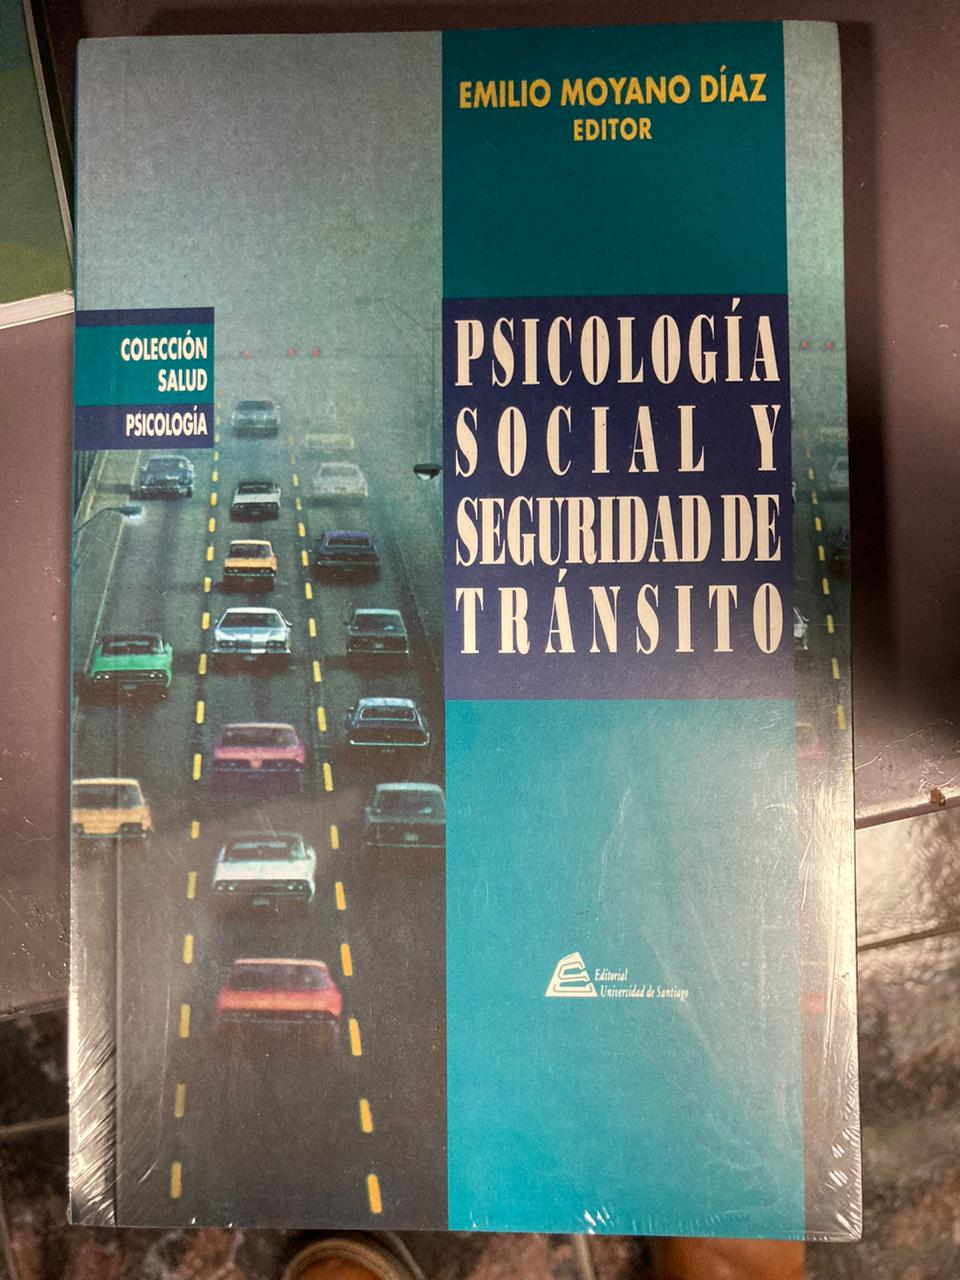 Psicología social y seguridad de tránsito